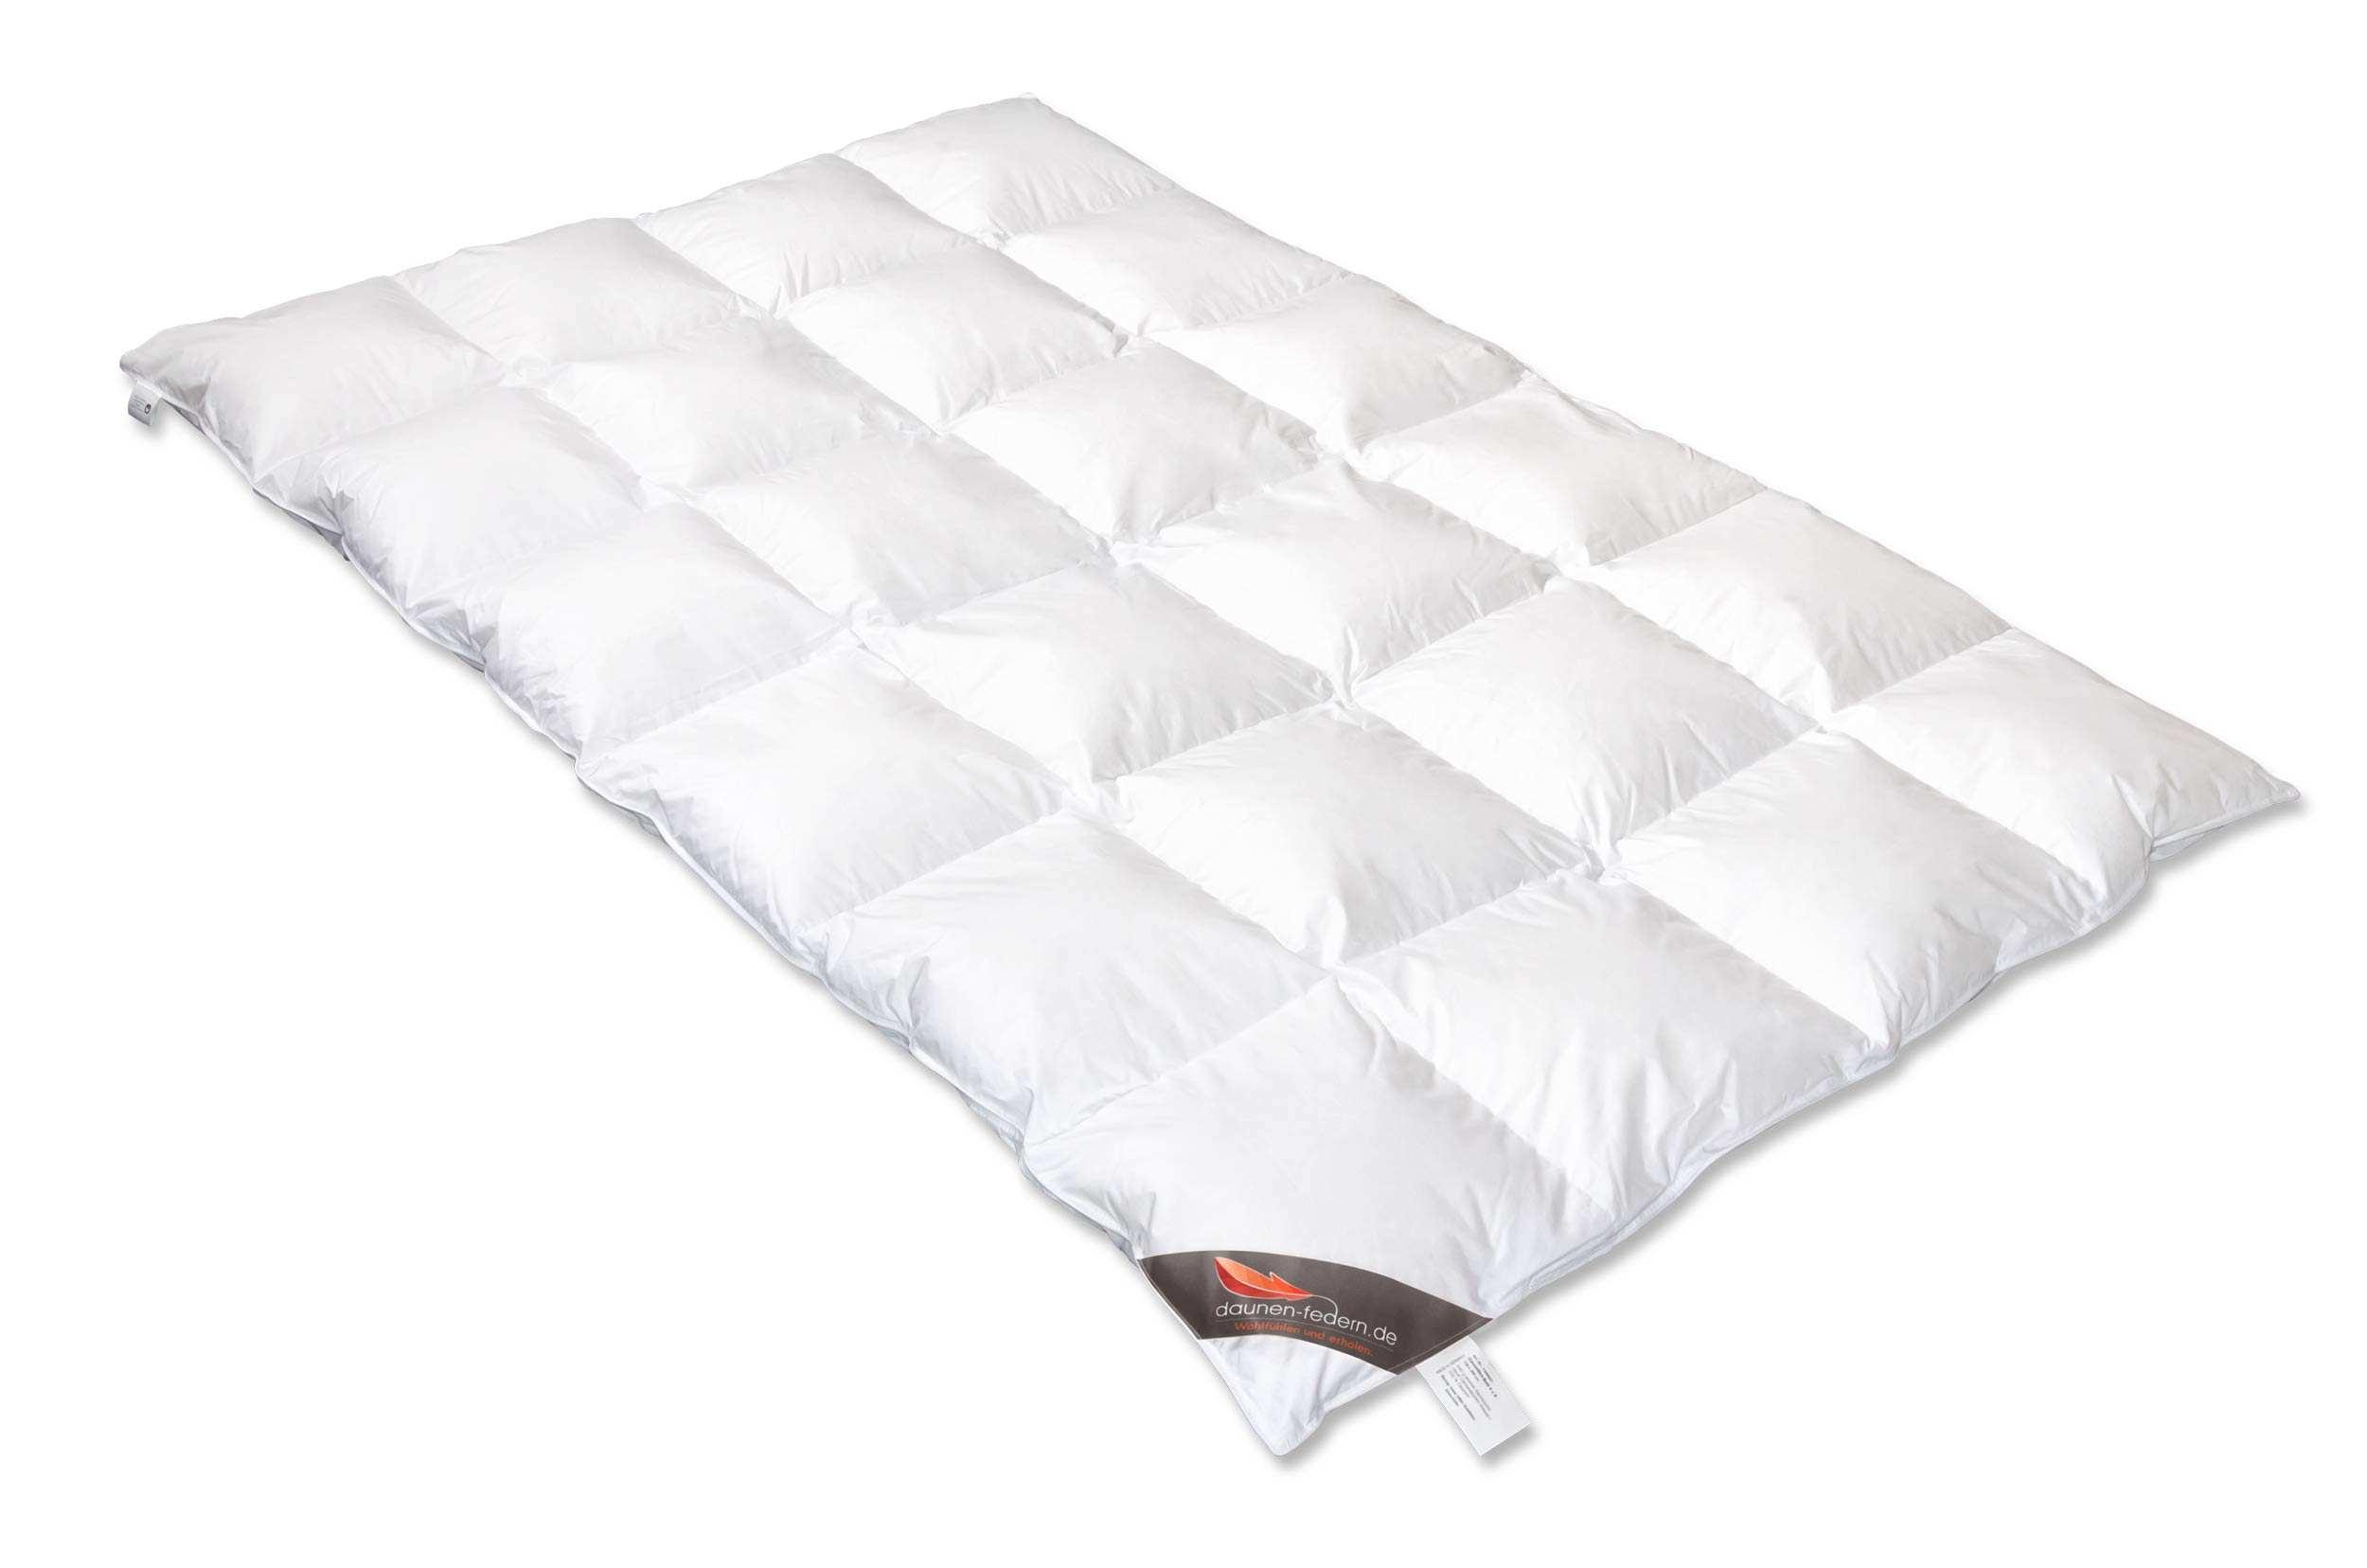 daunendecke 135x200 leicht und kuschelig g nstig kaufen 0 versand. Black Bedroom Furniture Sets. Home Design Ideas